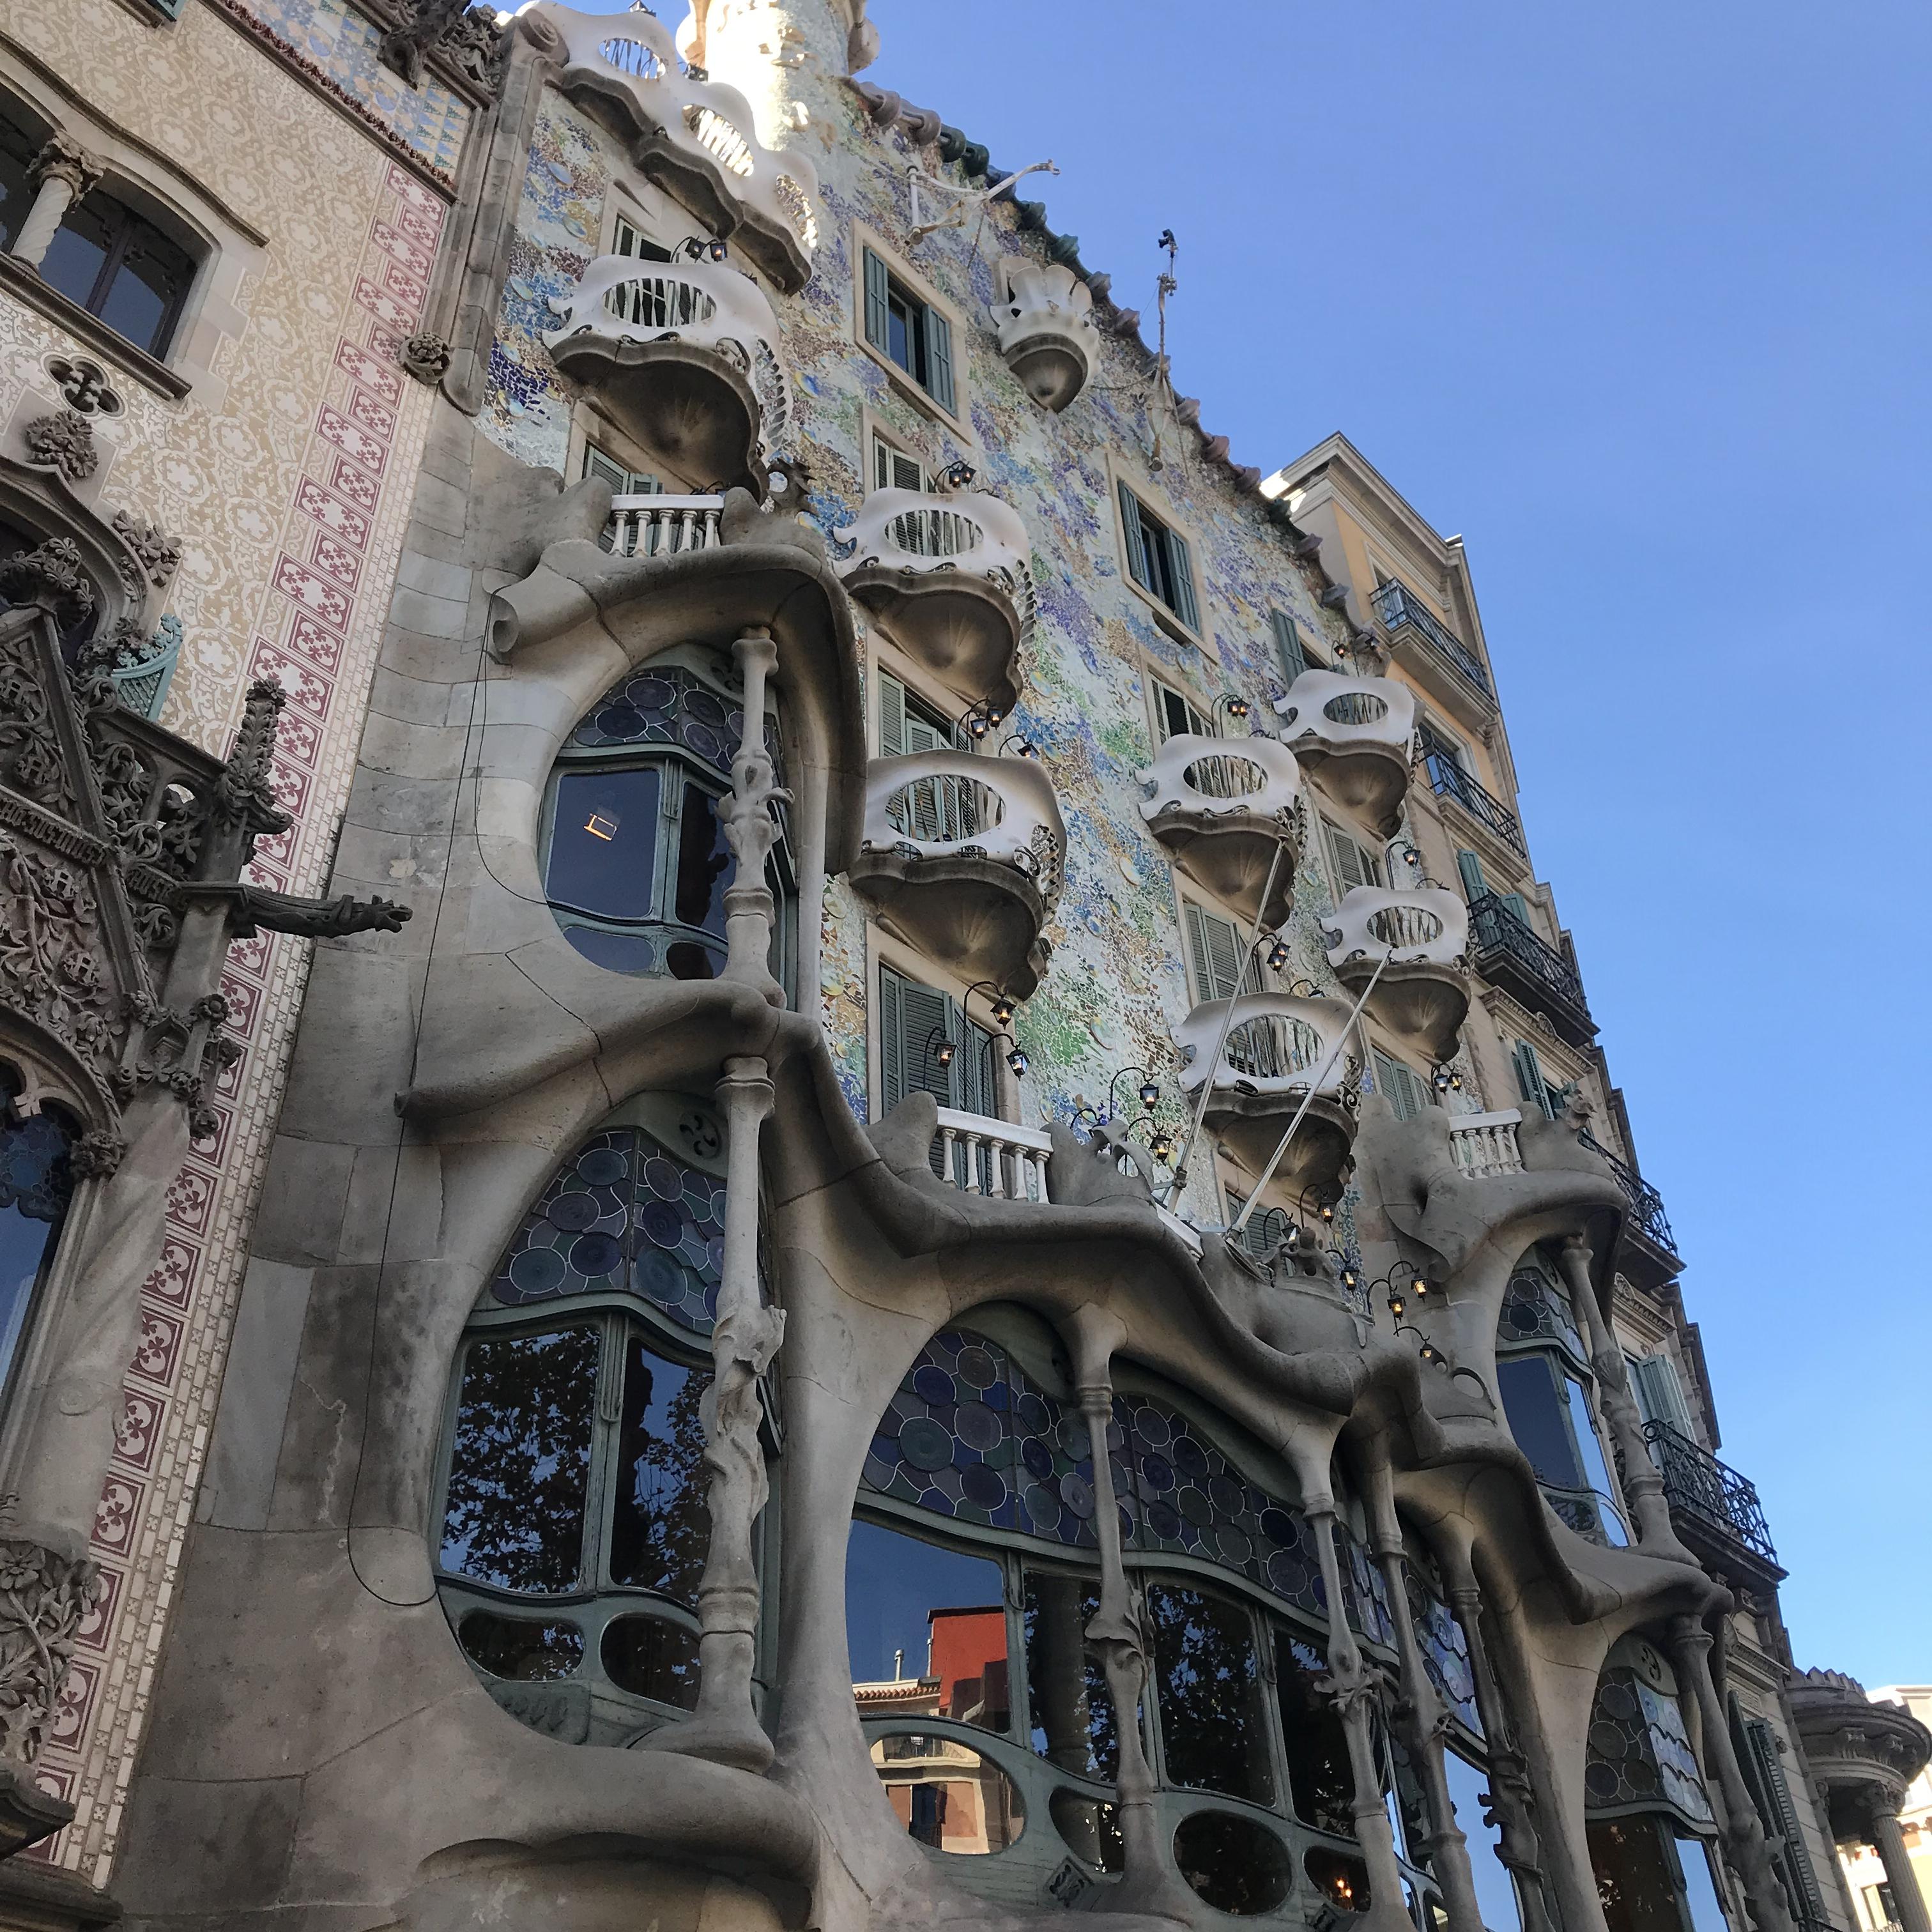 バルセロナ観光初日 ツーリストバスで市内めぐり 今日のメインはカサ・バトリョとカサ・ミラ